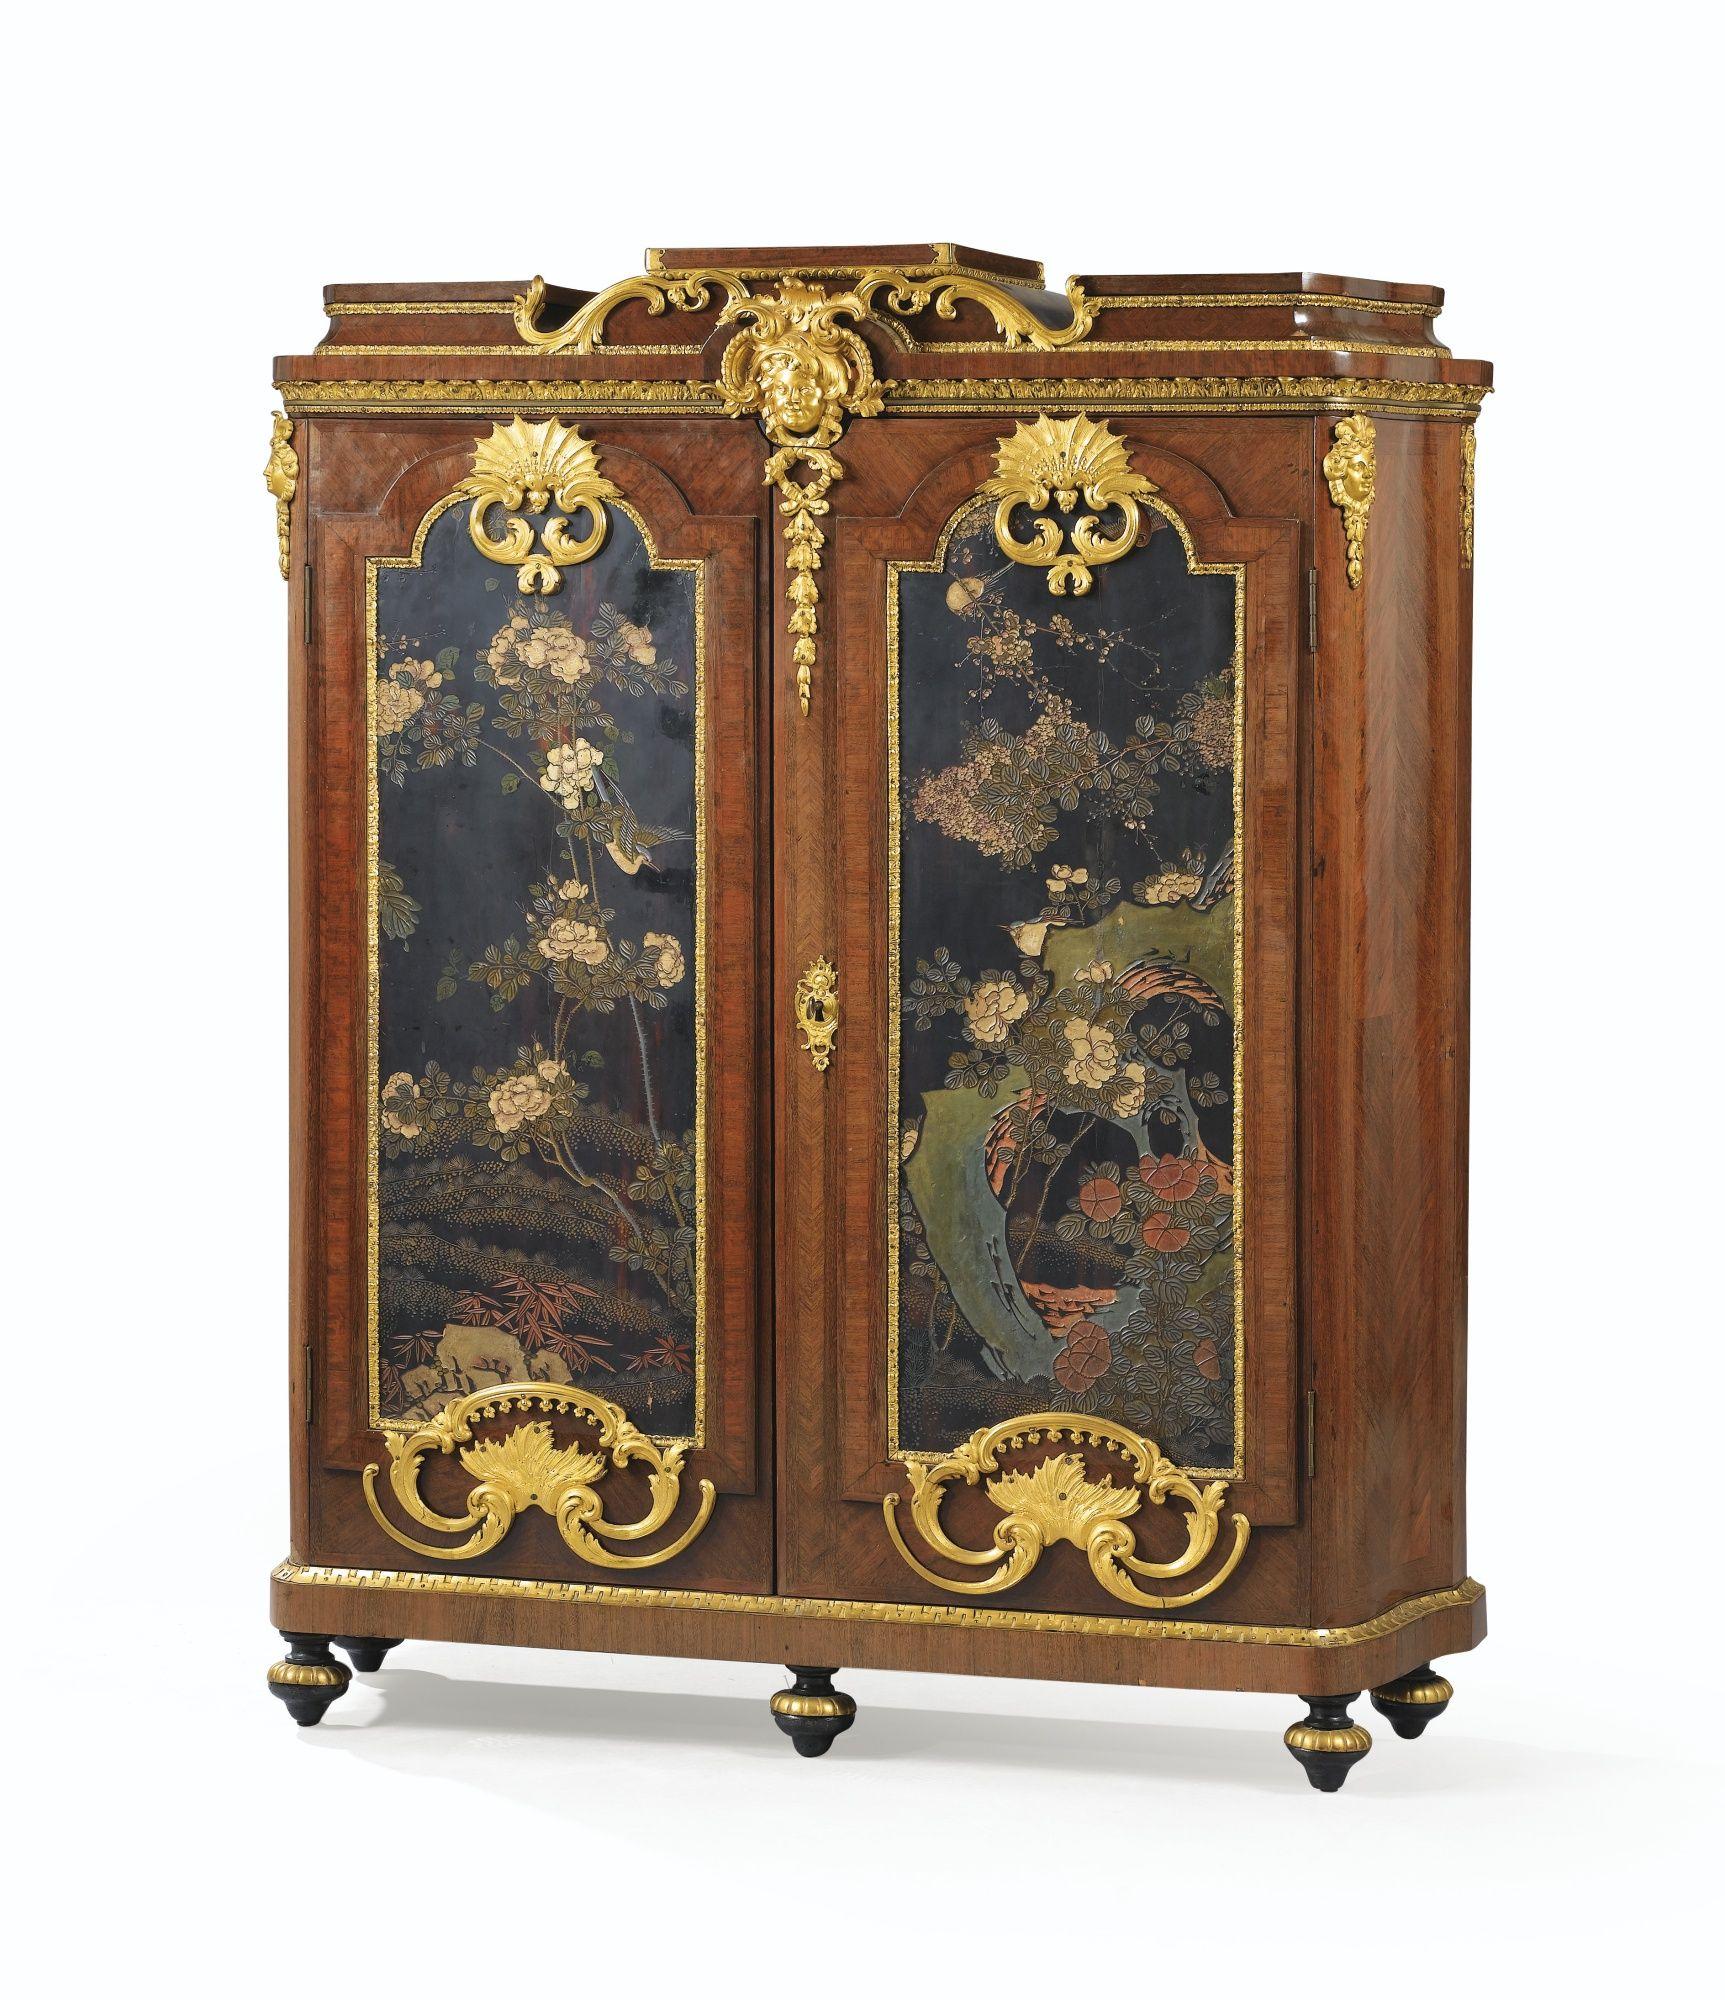 armoire biblioth que en placage d 39 amarante panneaux de laque de coromandel et monture de bronze. Black Bedroom Furniture Sets. Home Design Ideas